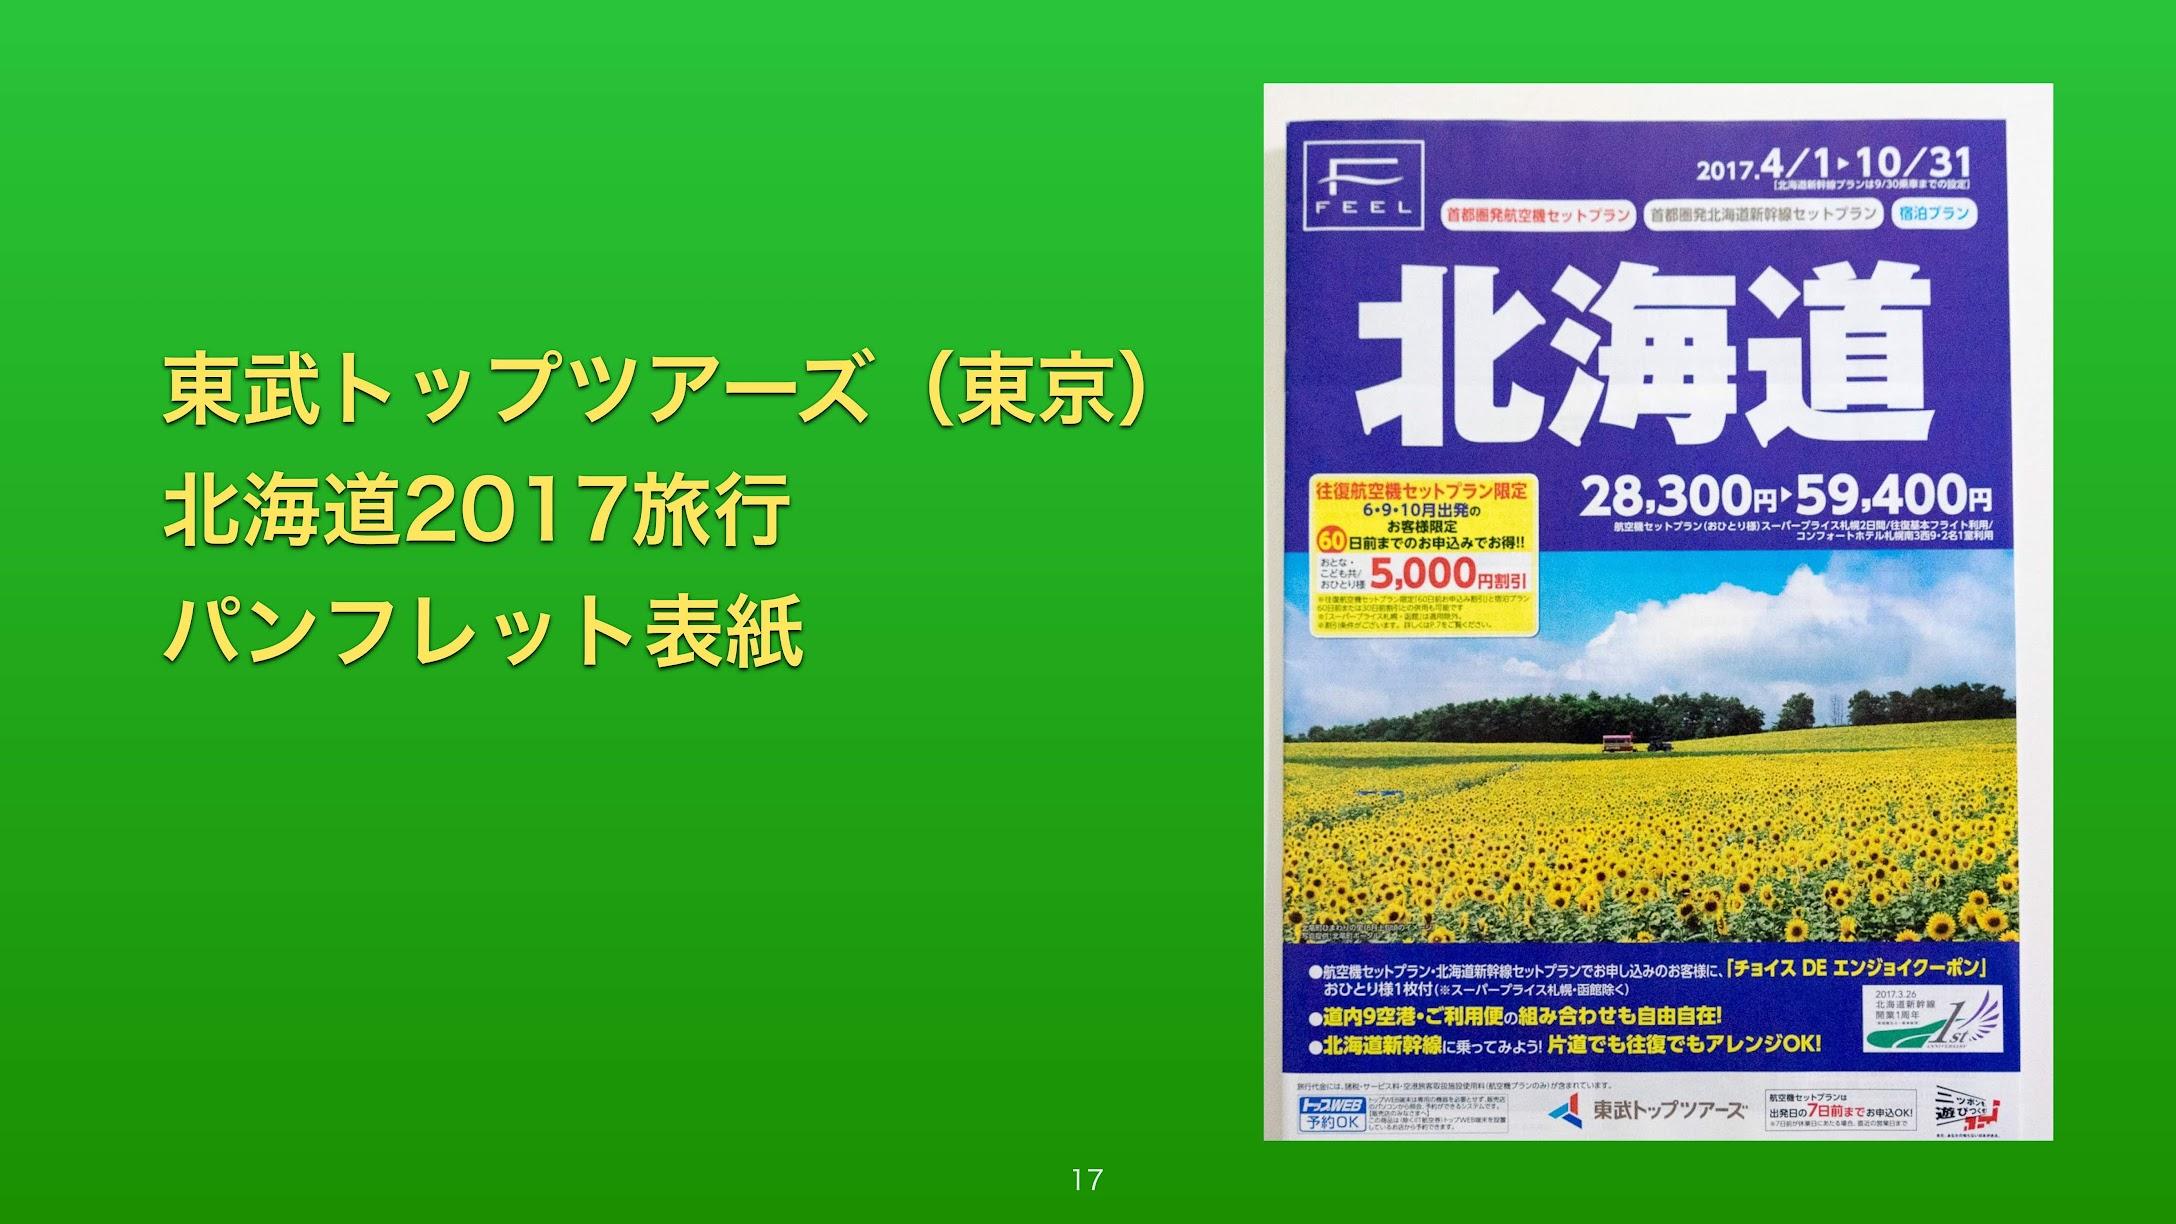 東武トップツアーズ(東京)北海道2017旅行 パンフレット表紙